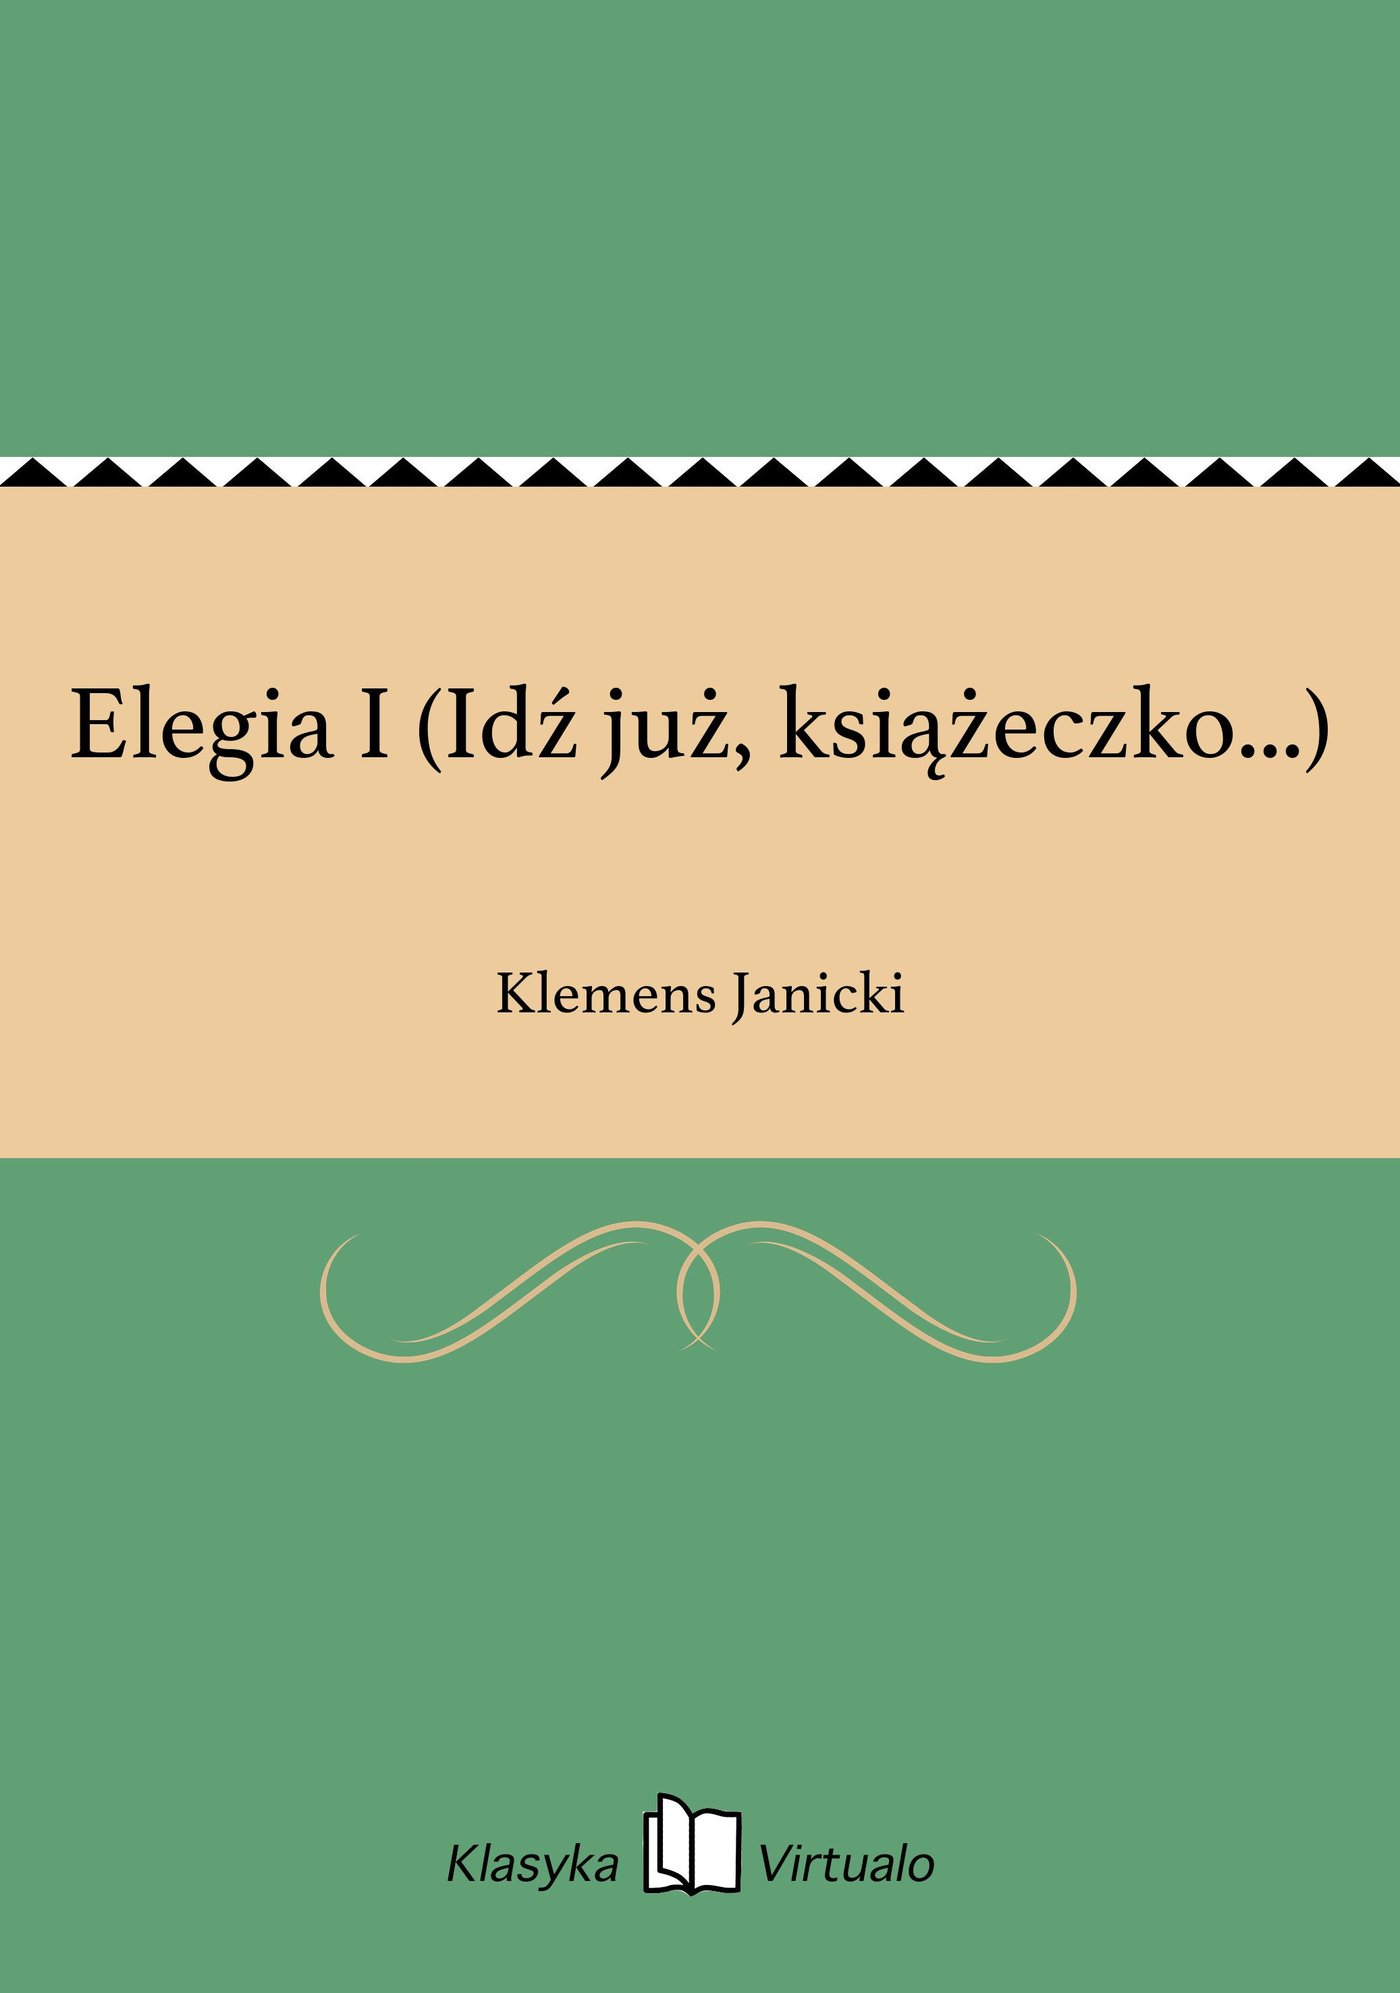 Elegia I (Idź już, książeczko...) - Ebook (Książka na Kindle) do pobrania w formacie MOBI